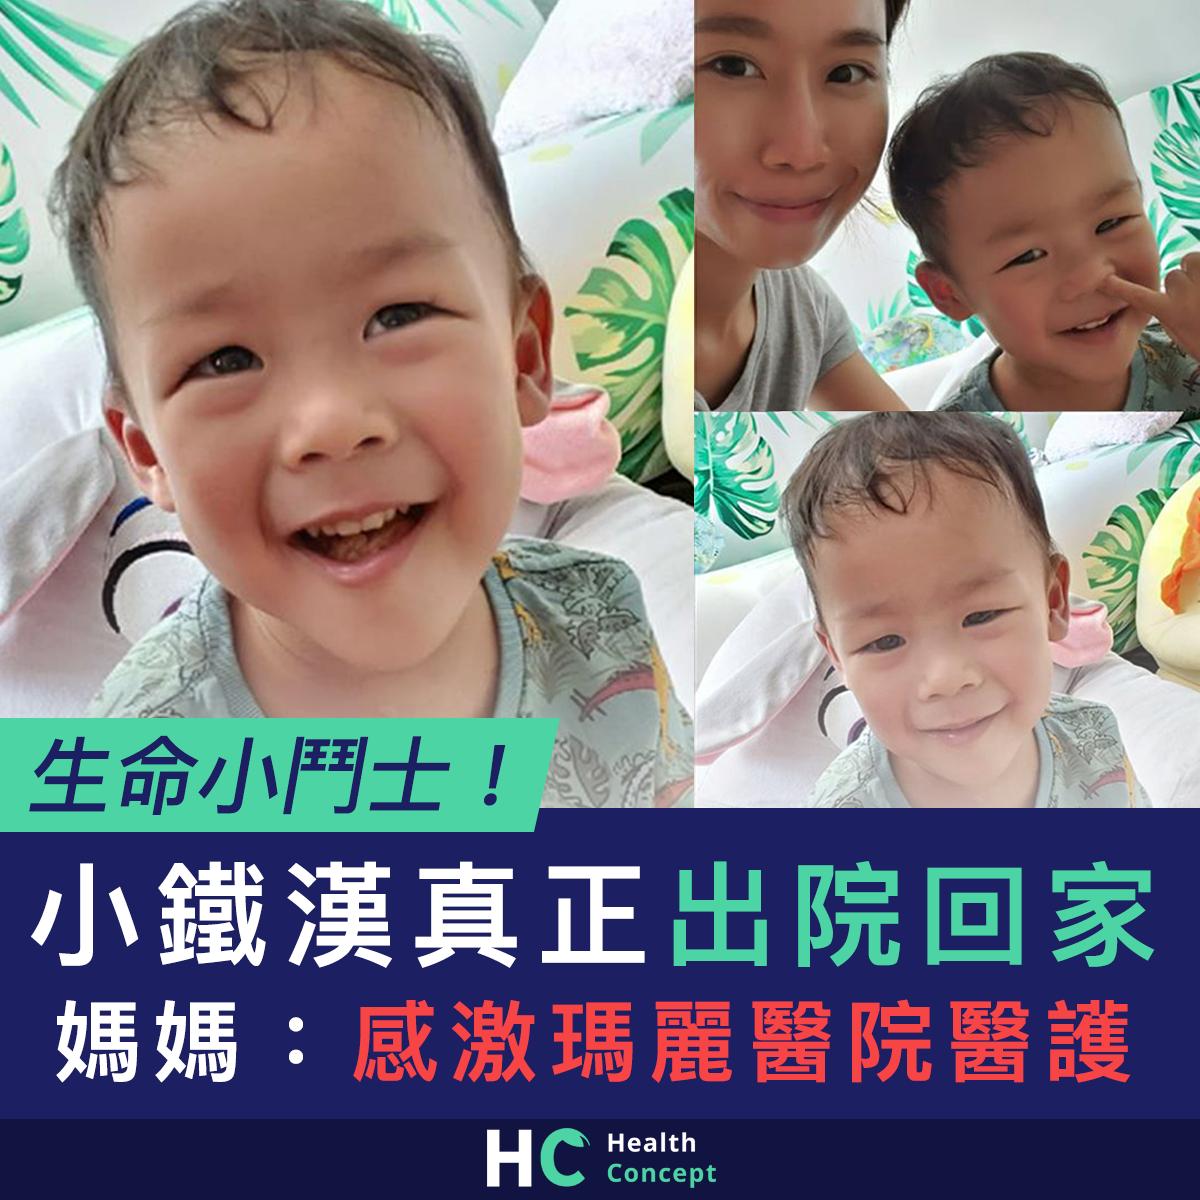 【#生命小鬥士】小鐵漢真正出院回家 媽媽:感激瑪麗醫院醫護